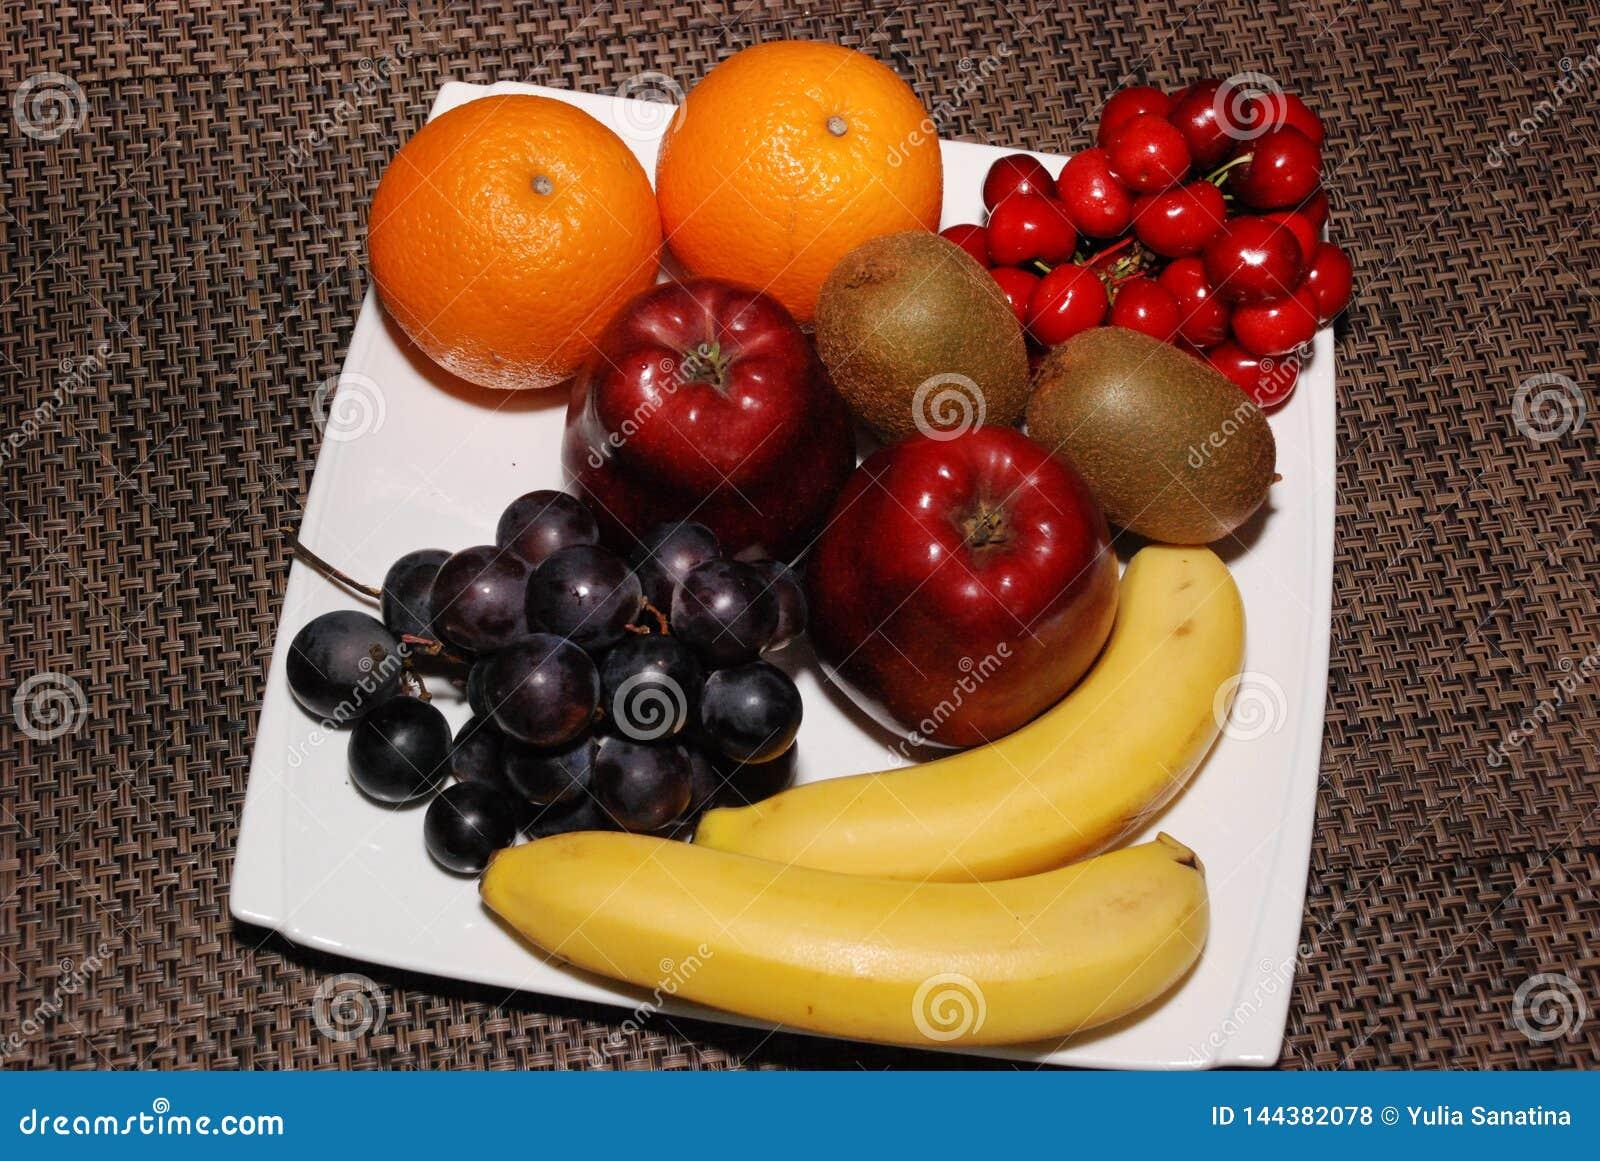 Laranjas, maçãs, uvas, quivis, cerejas, bananas na placa branca na tabela marrom